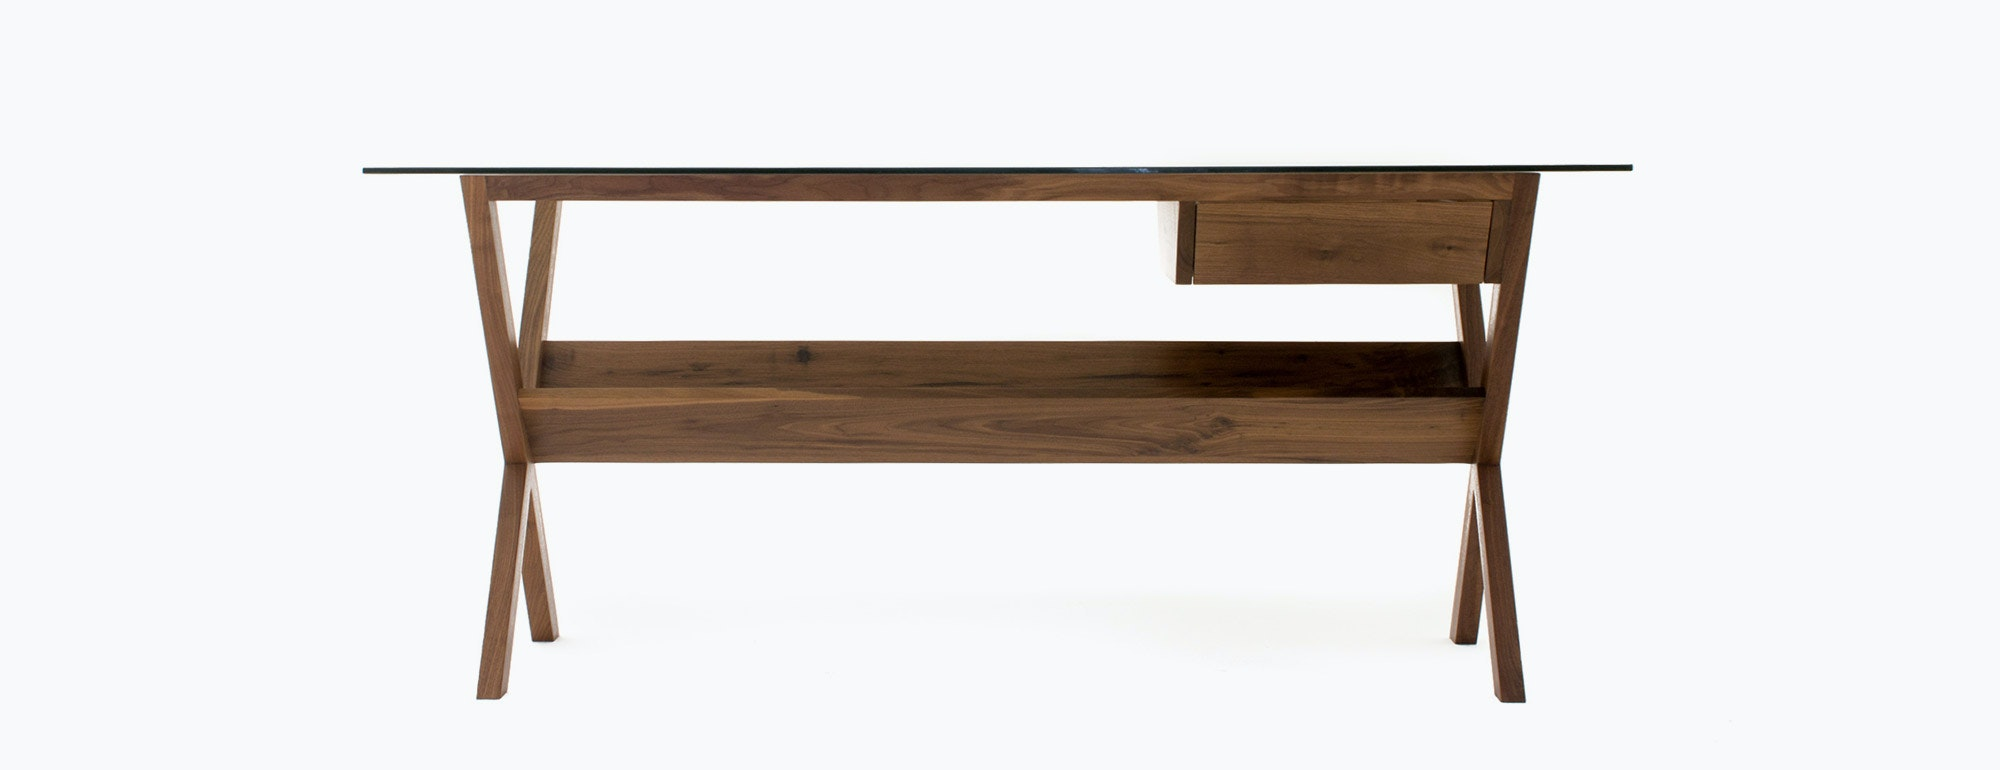 shown in Walnut Wood